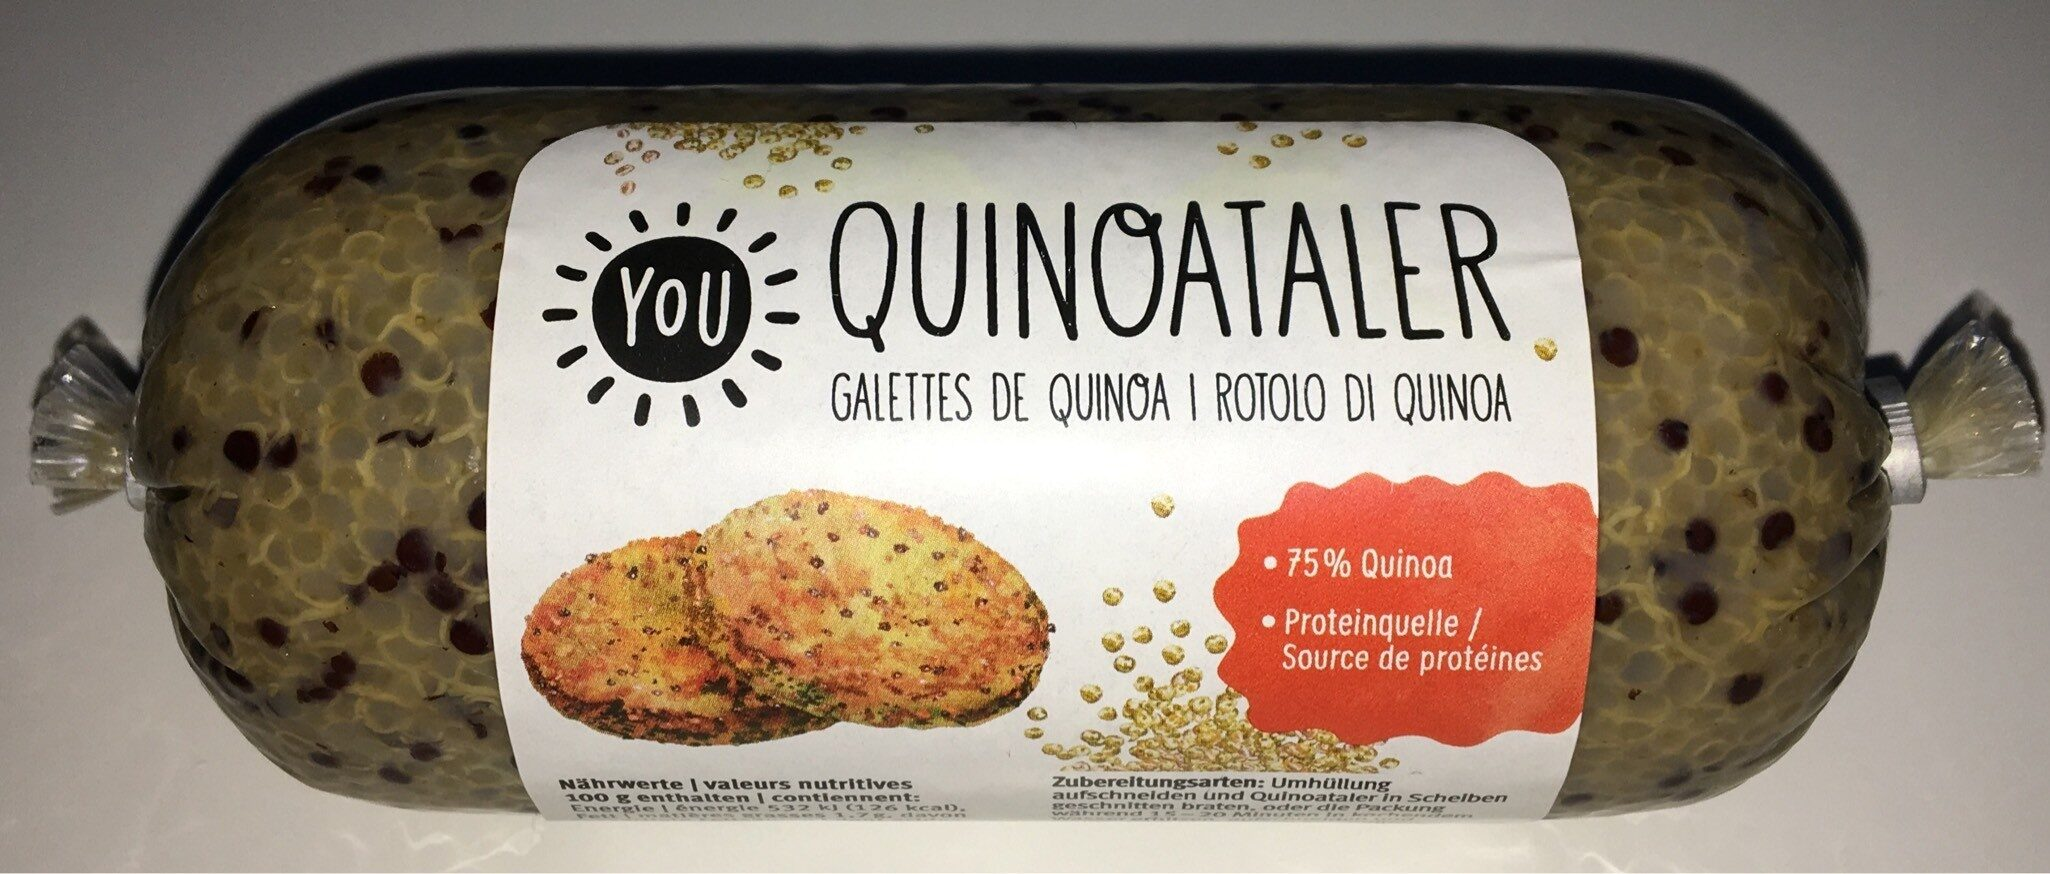 Quinoataler - Product - fr